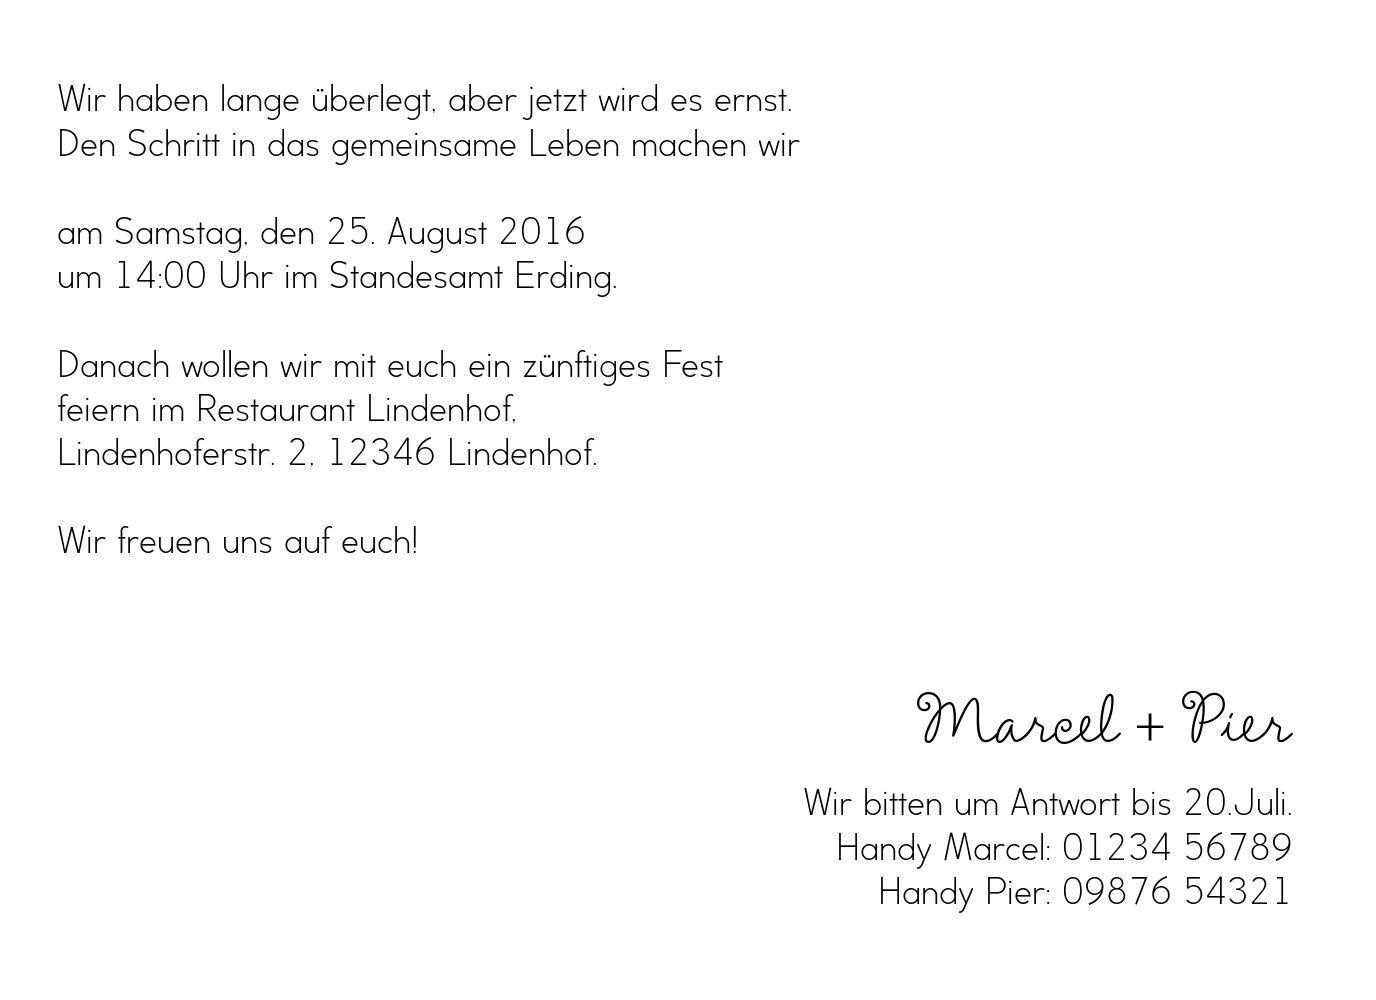 Hochzeit Einladung Fliegen, 20 20 20 Karten, RosaRosa B07B6QVF1N   Moderner Modus    Moderate Kosten    Auktion  d26bc2